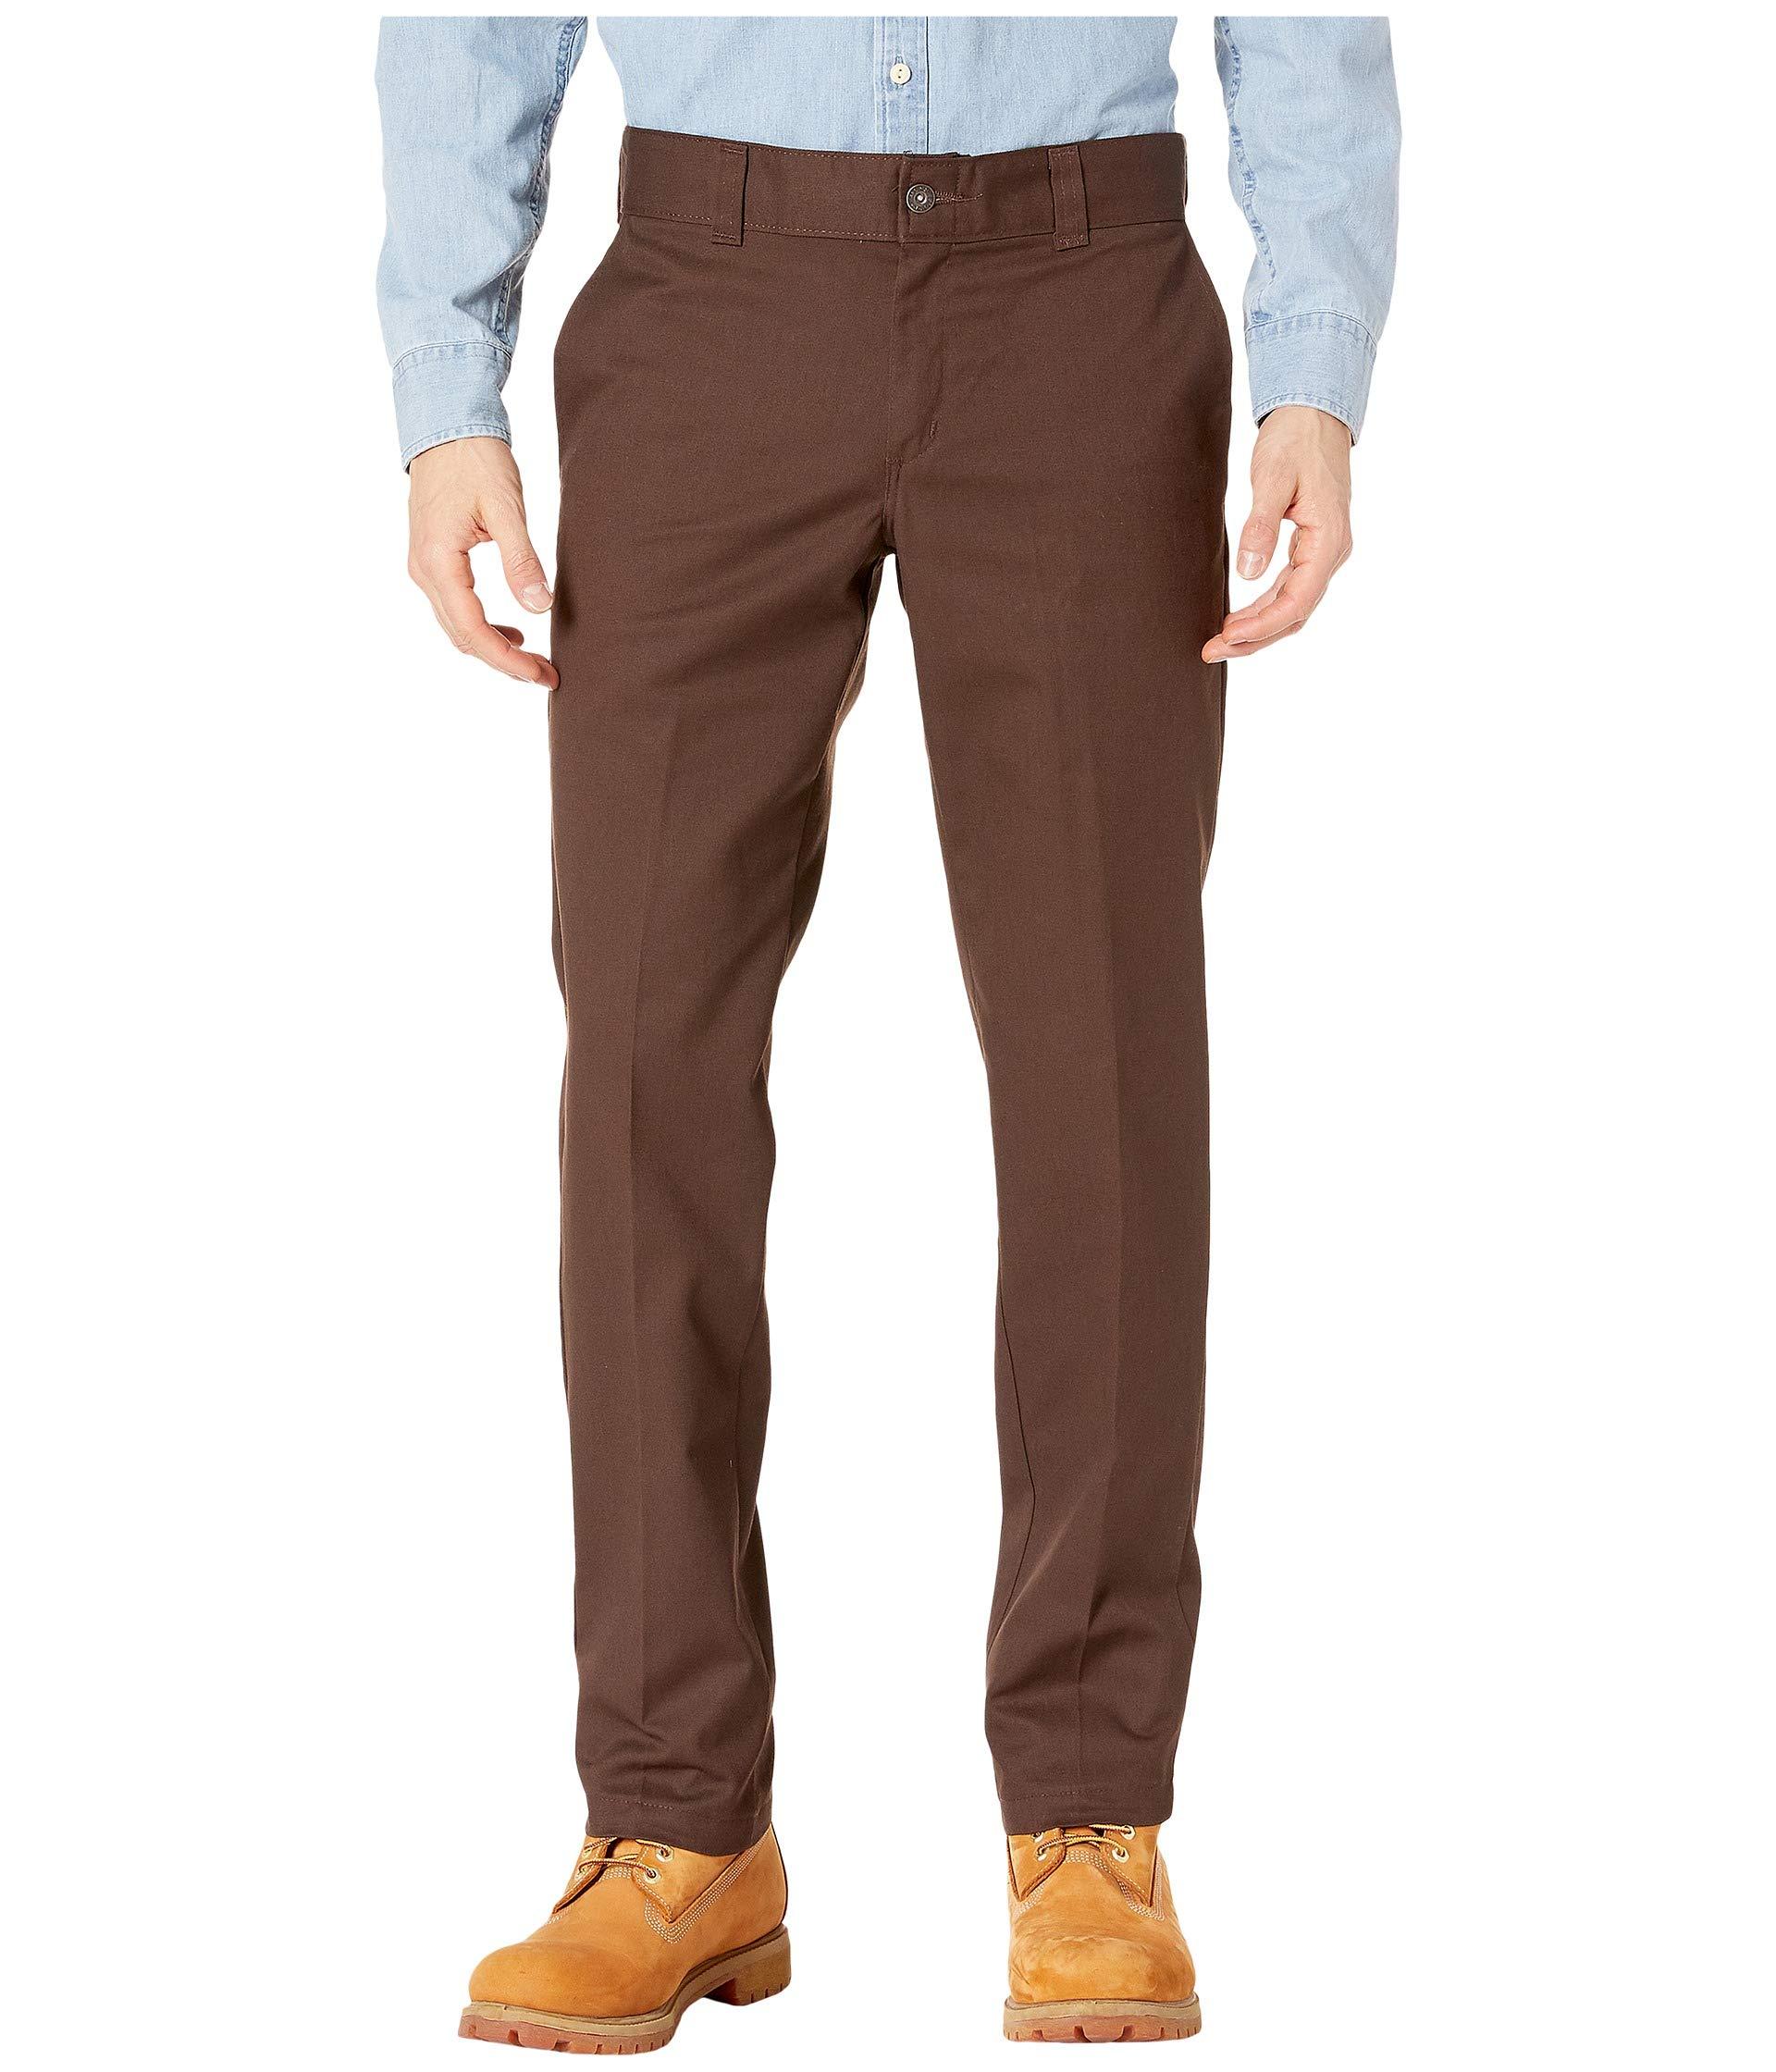 Brown Pants Industrial Chocolate Dickies Work Collection Fit Slim 67 x6qwaYA8